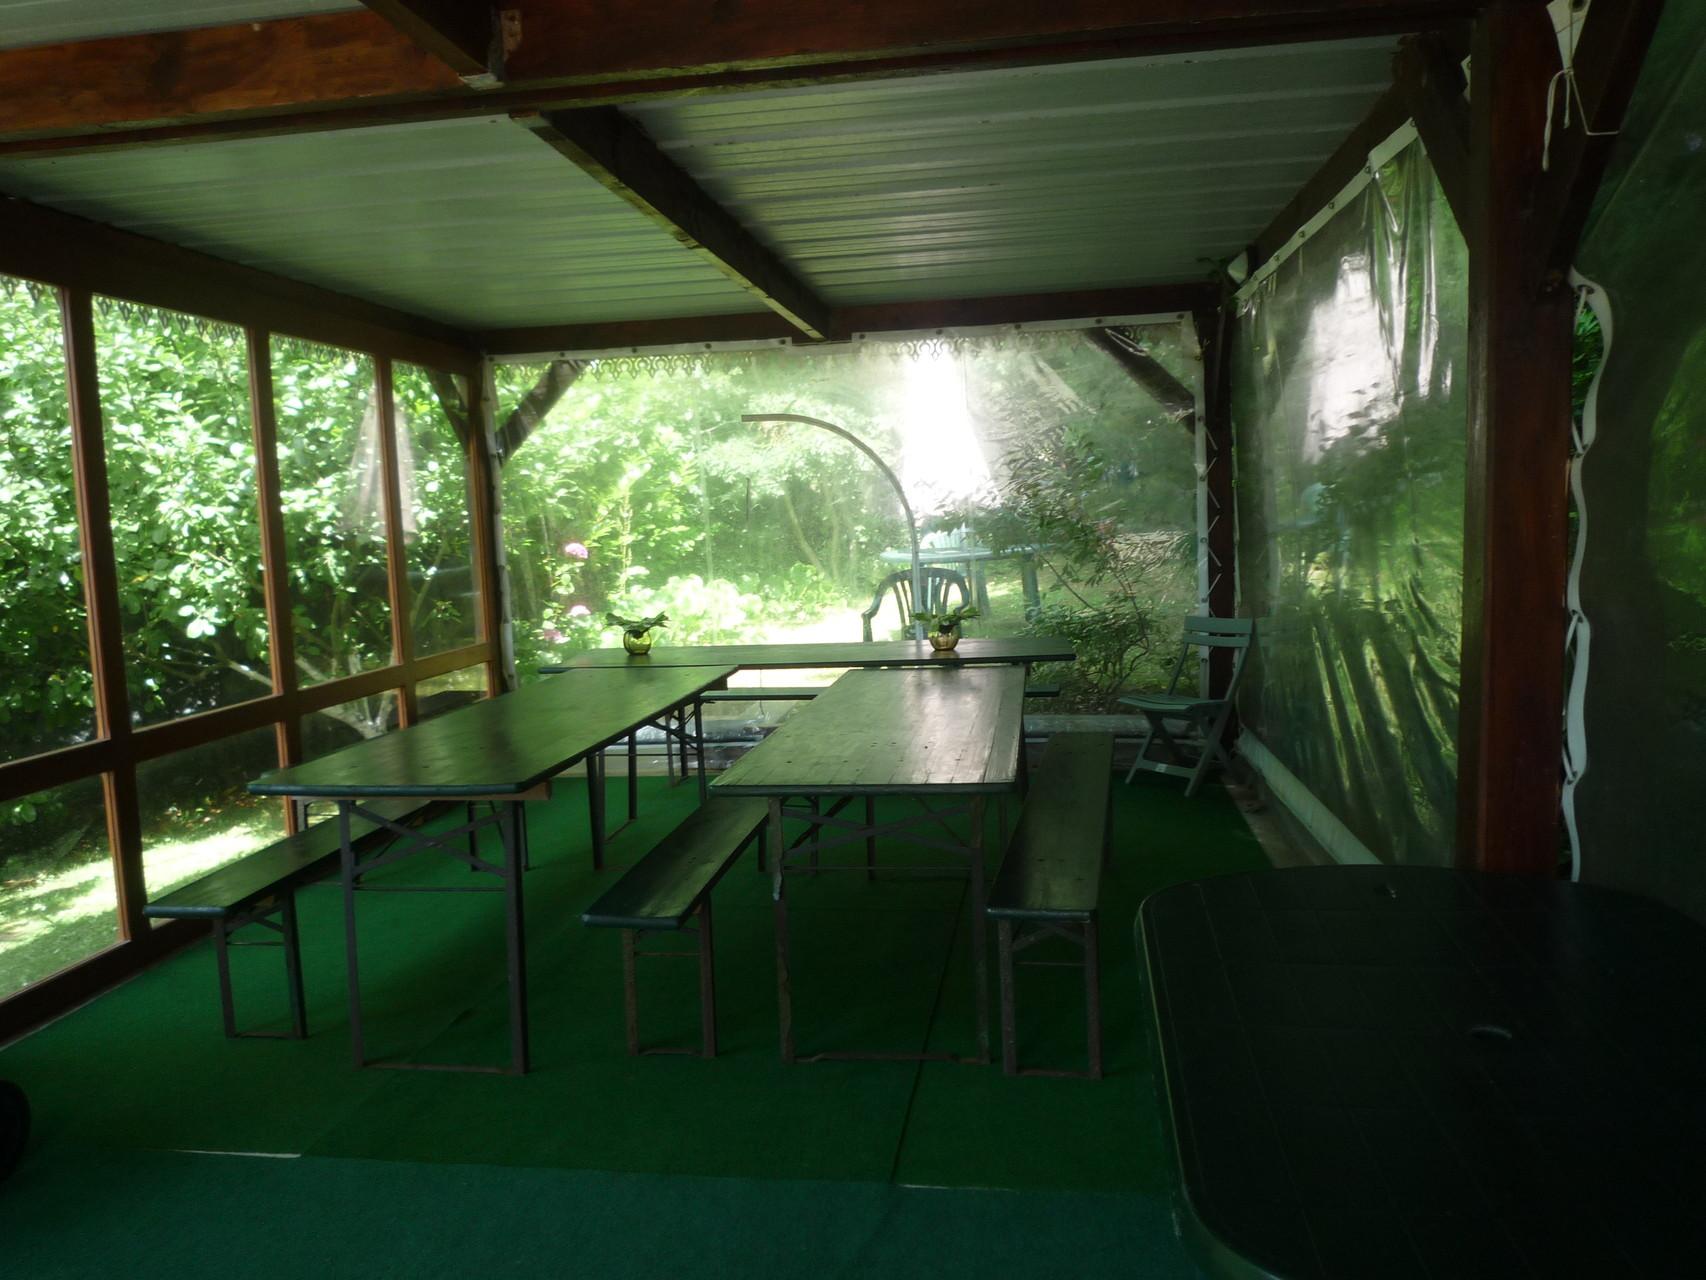 L'intérieur du préau, aménagé pour recevoir des invités lors de dîners ou cocktails